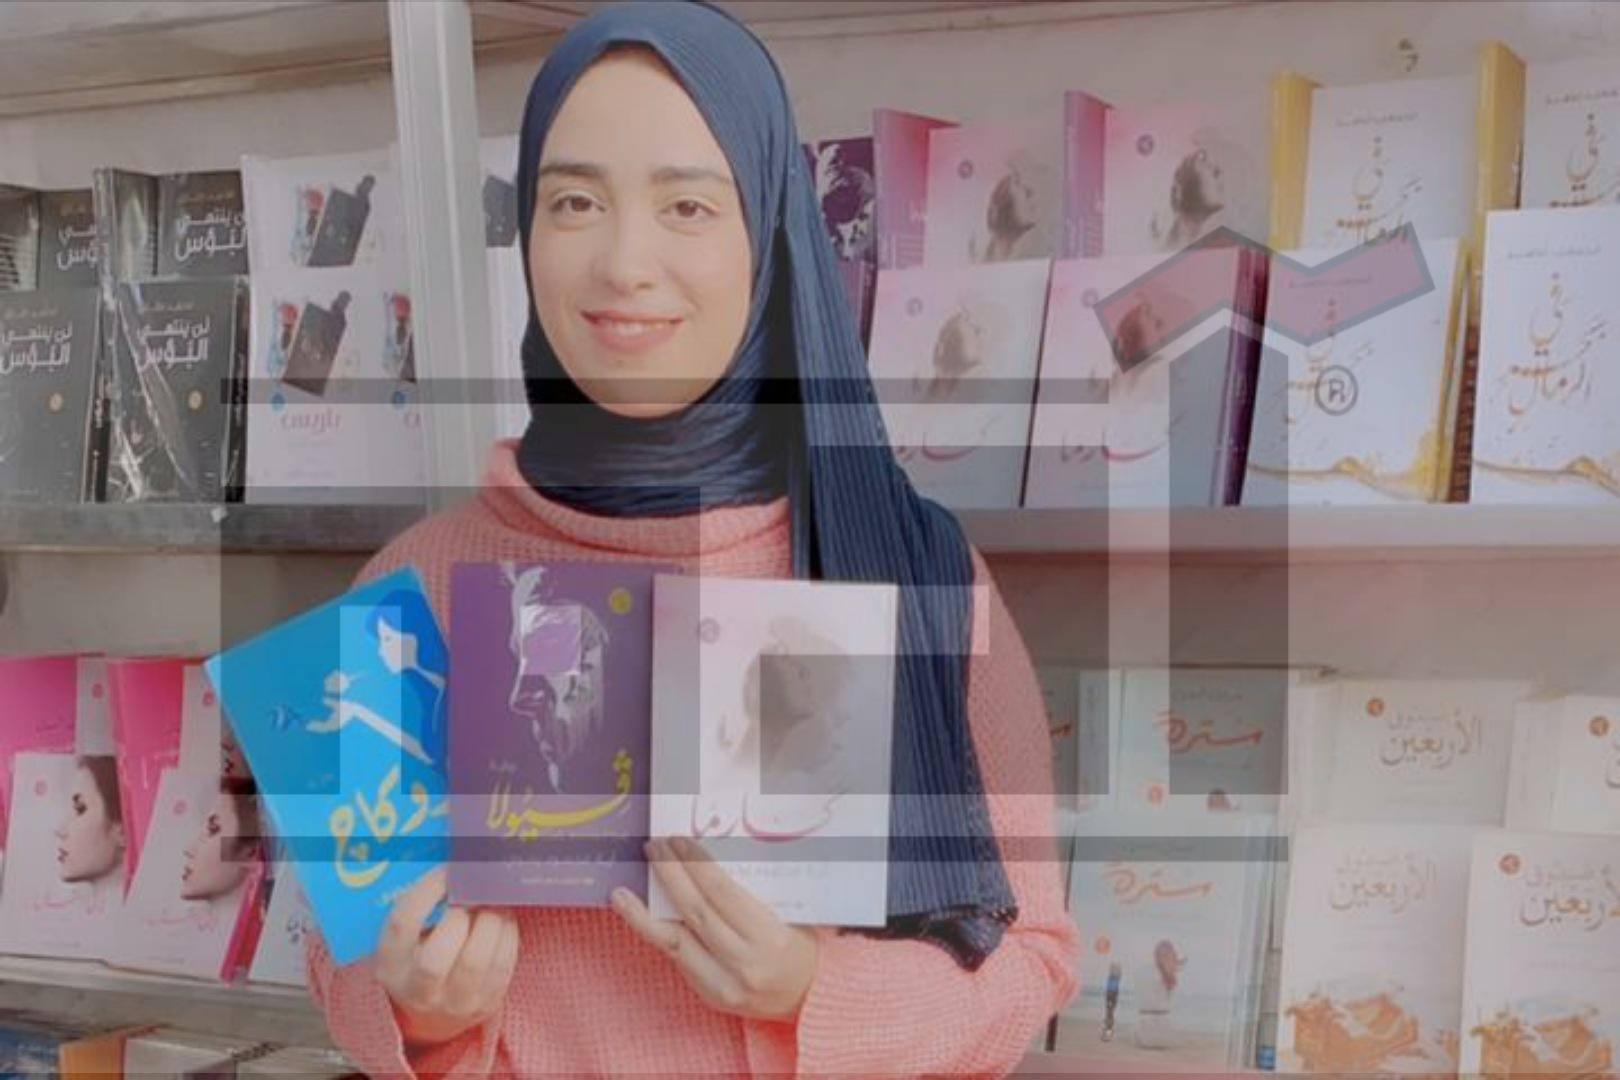 كارما , فيولا , تروكاچ , آية محمود , معرض الكتاب بالمنصورة